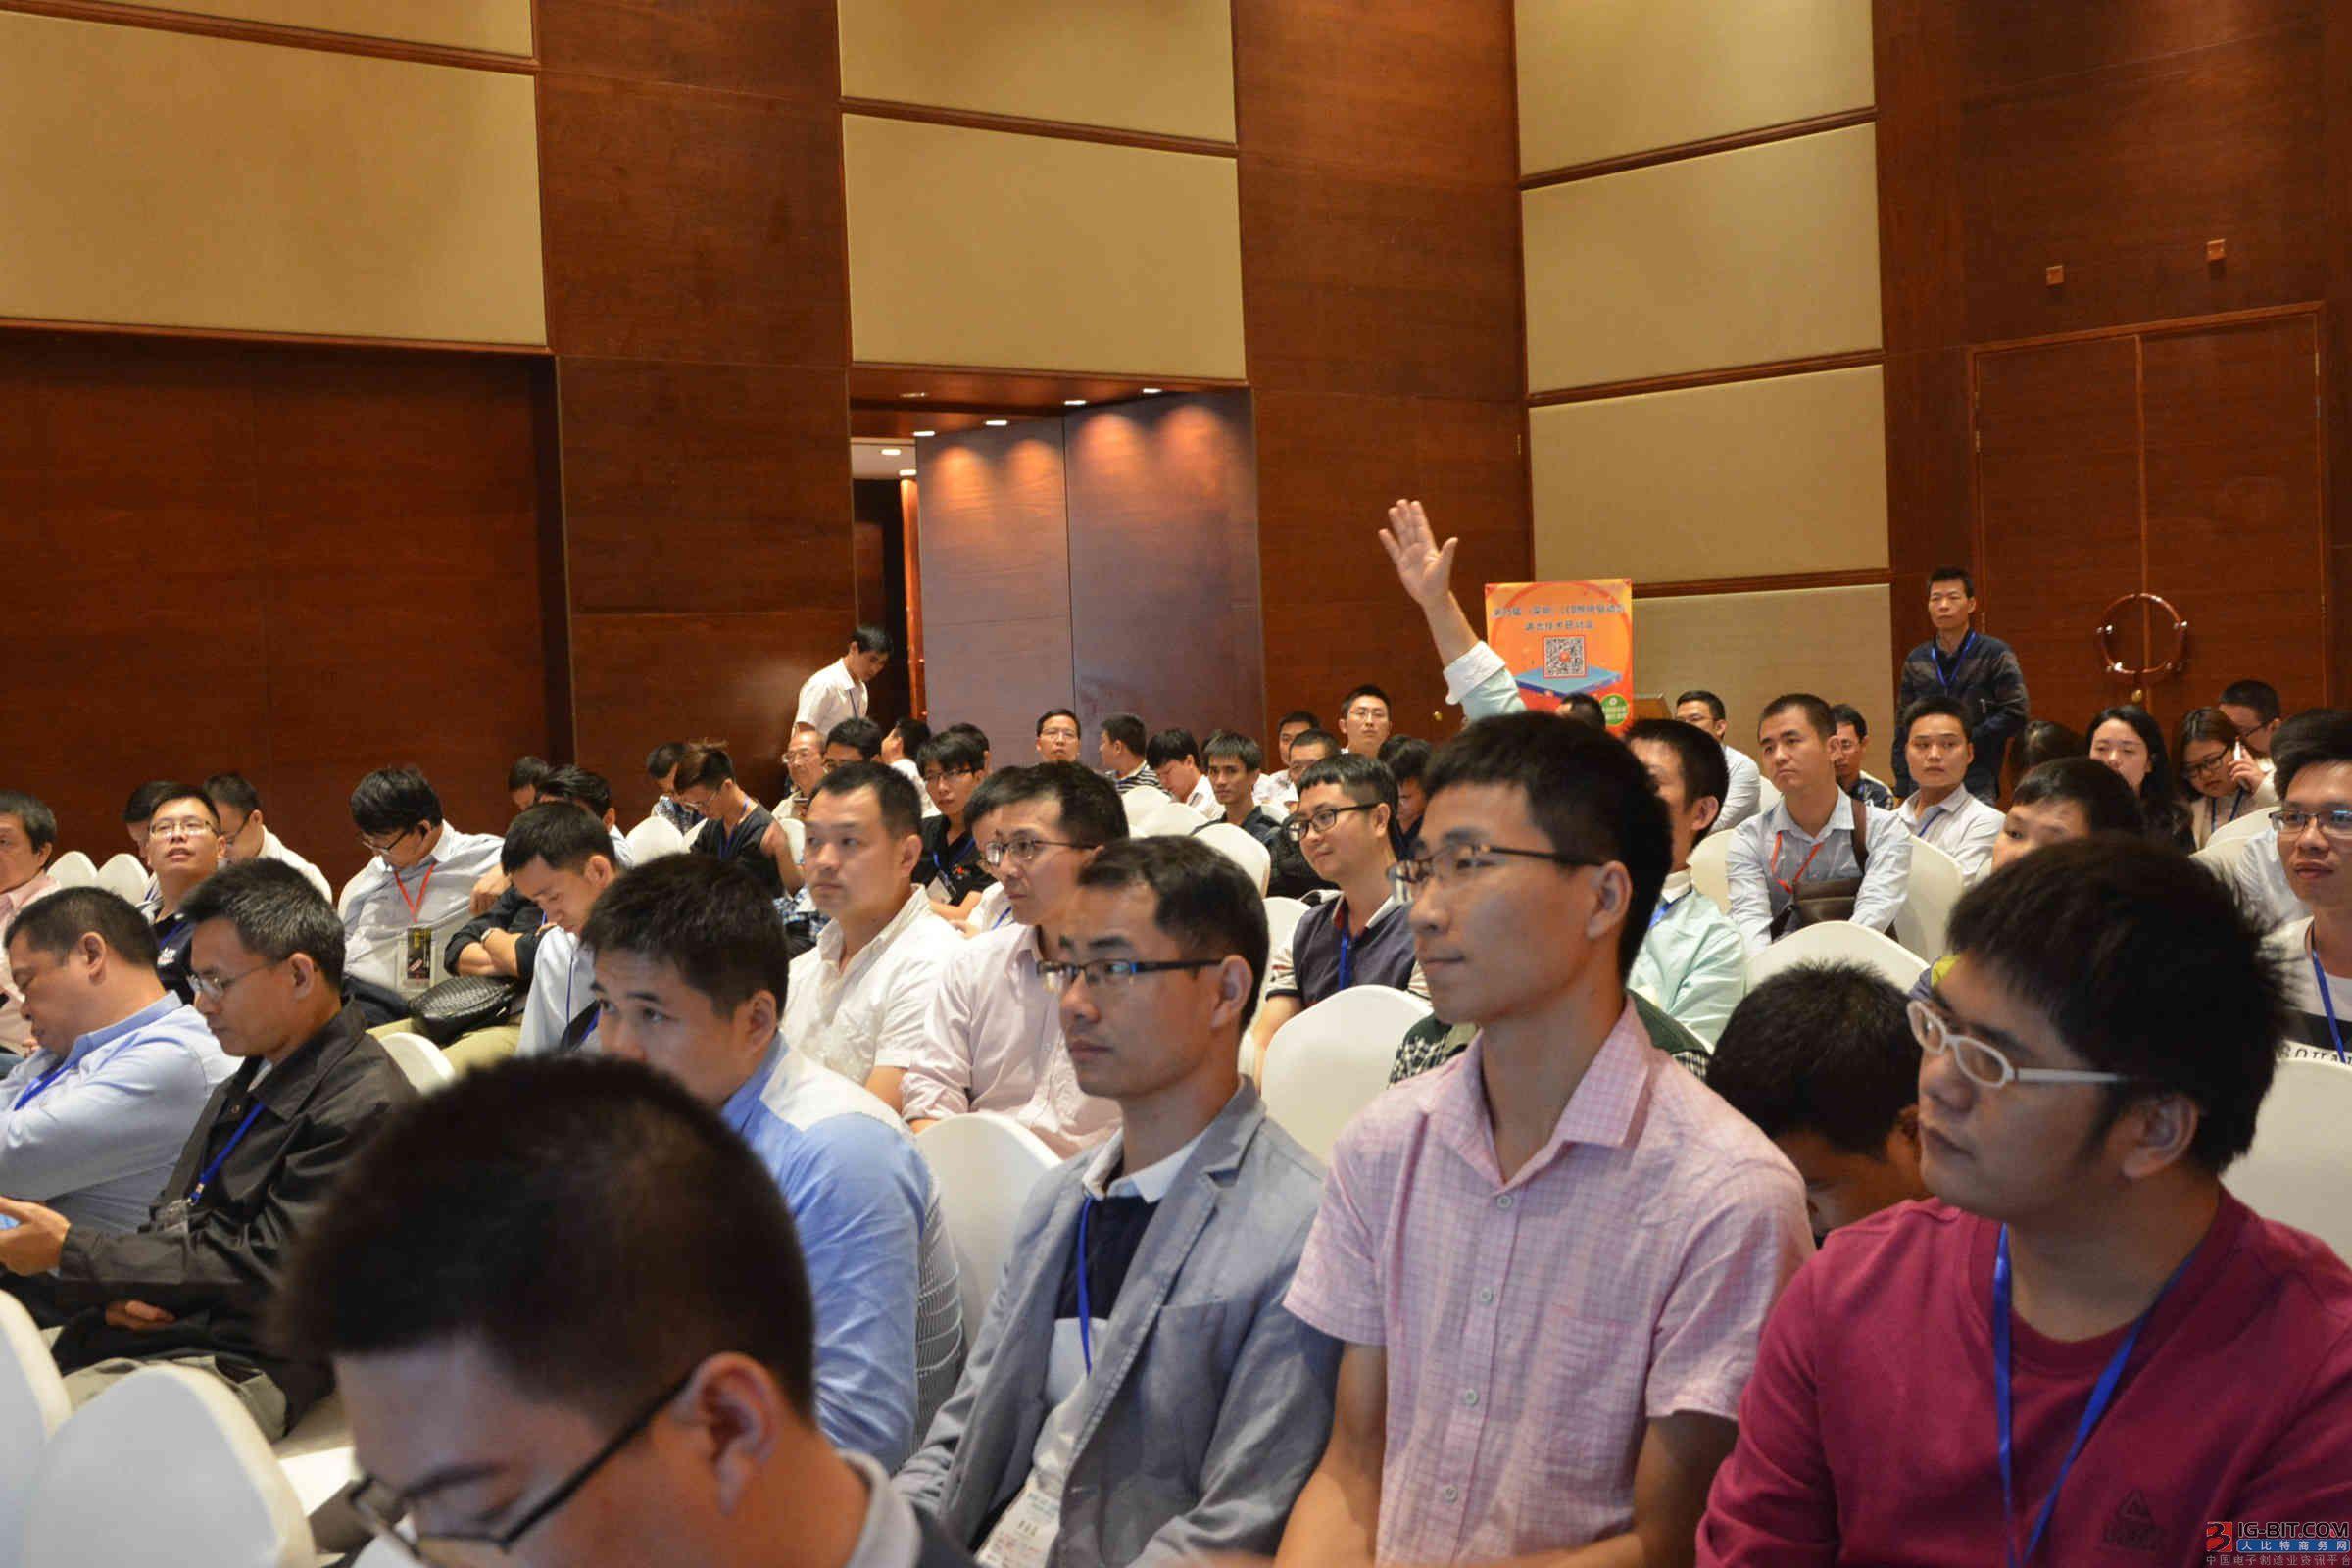 十二场专题演讲,一场专业会议带你了解LED照明驱动与调光新技术进展!